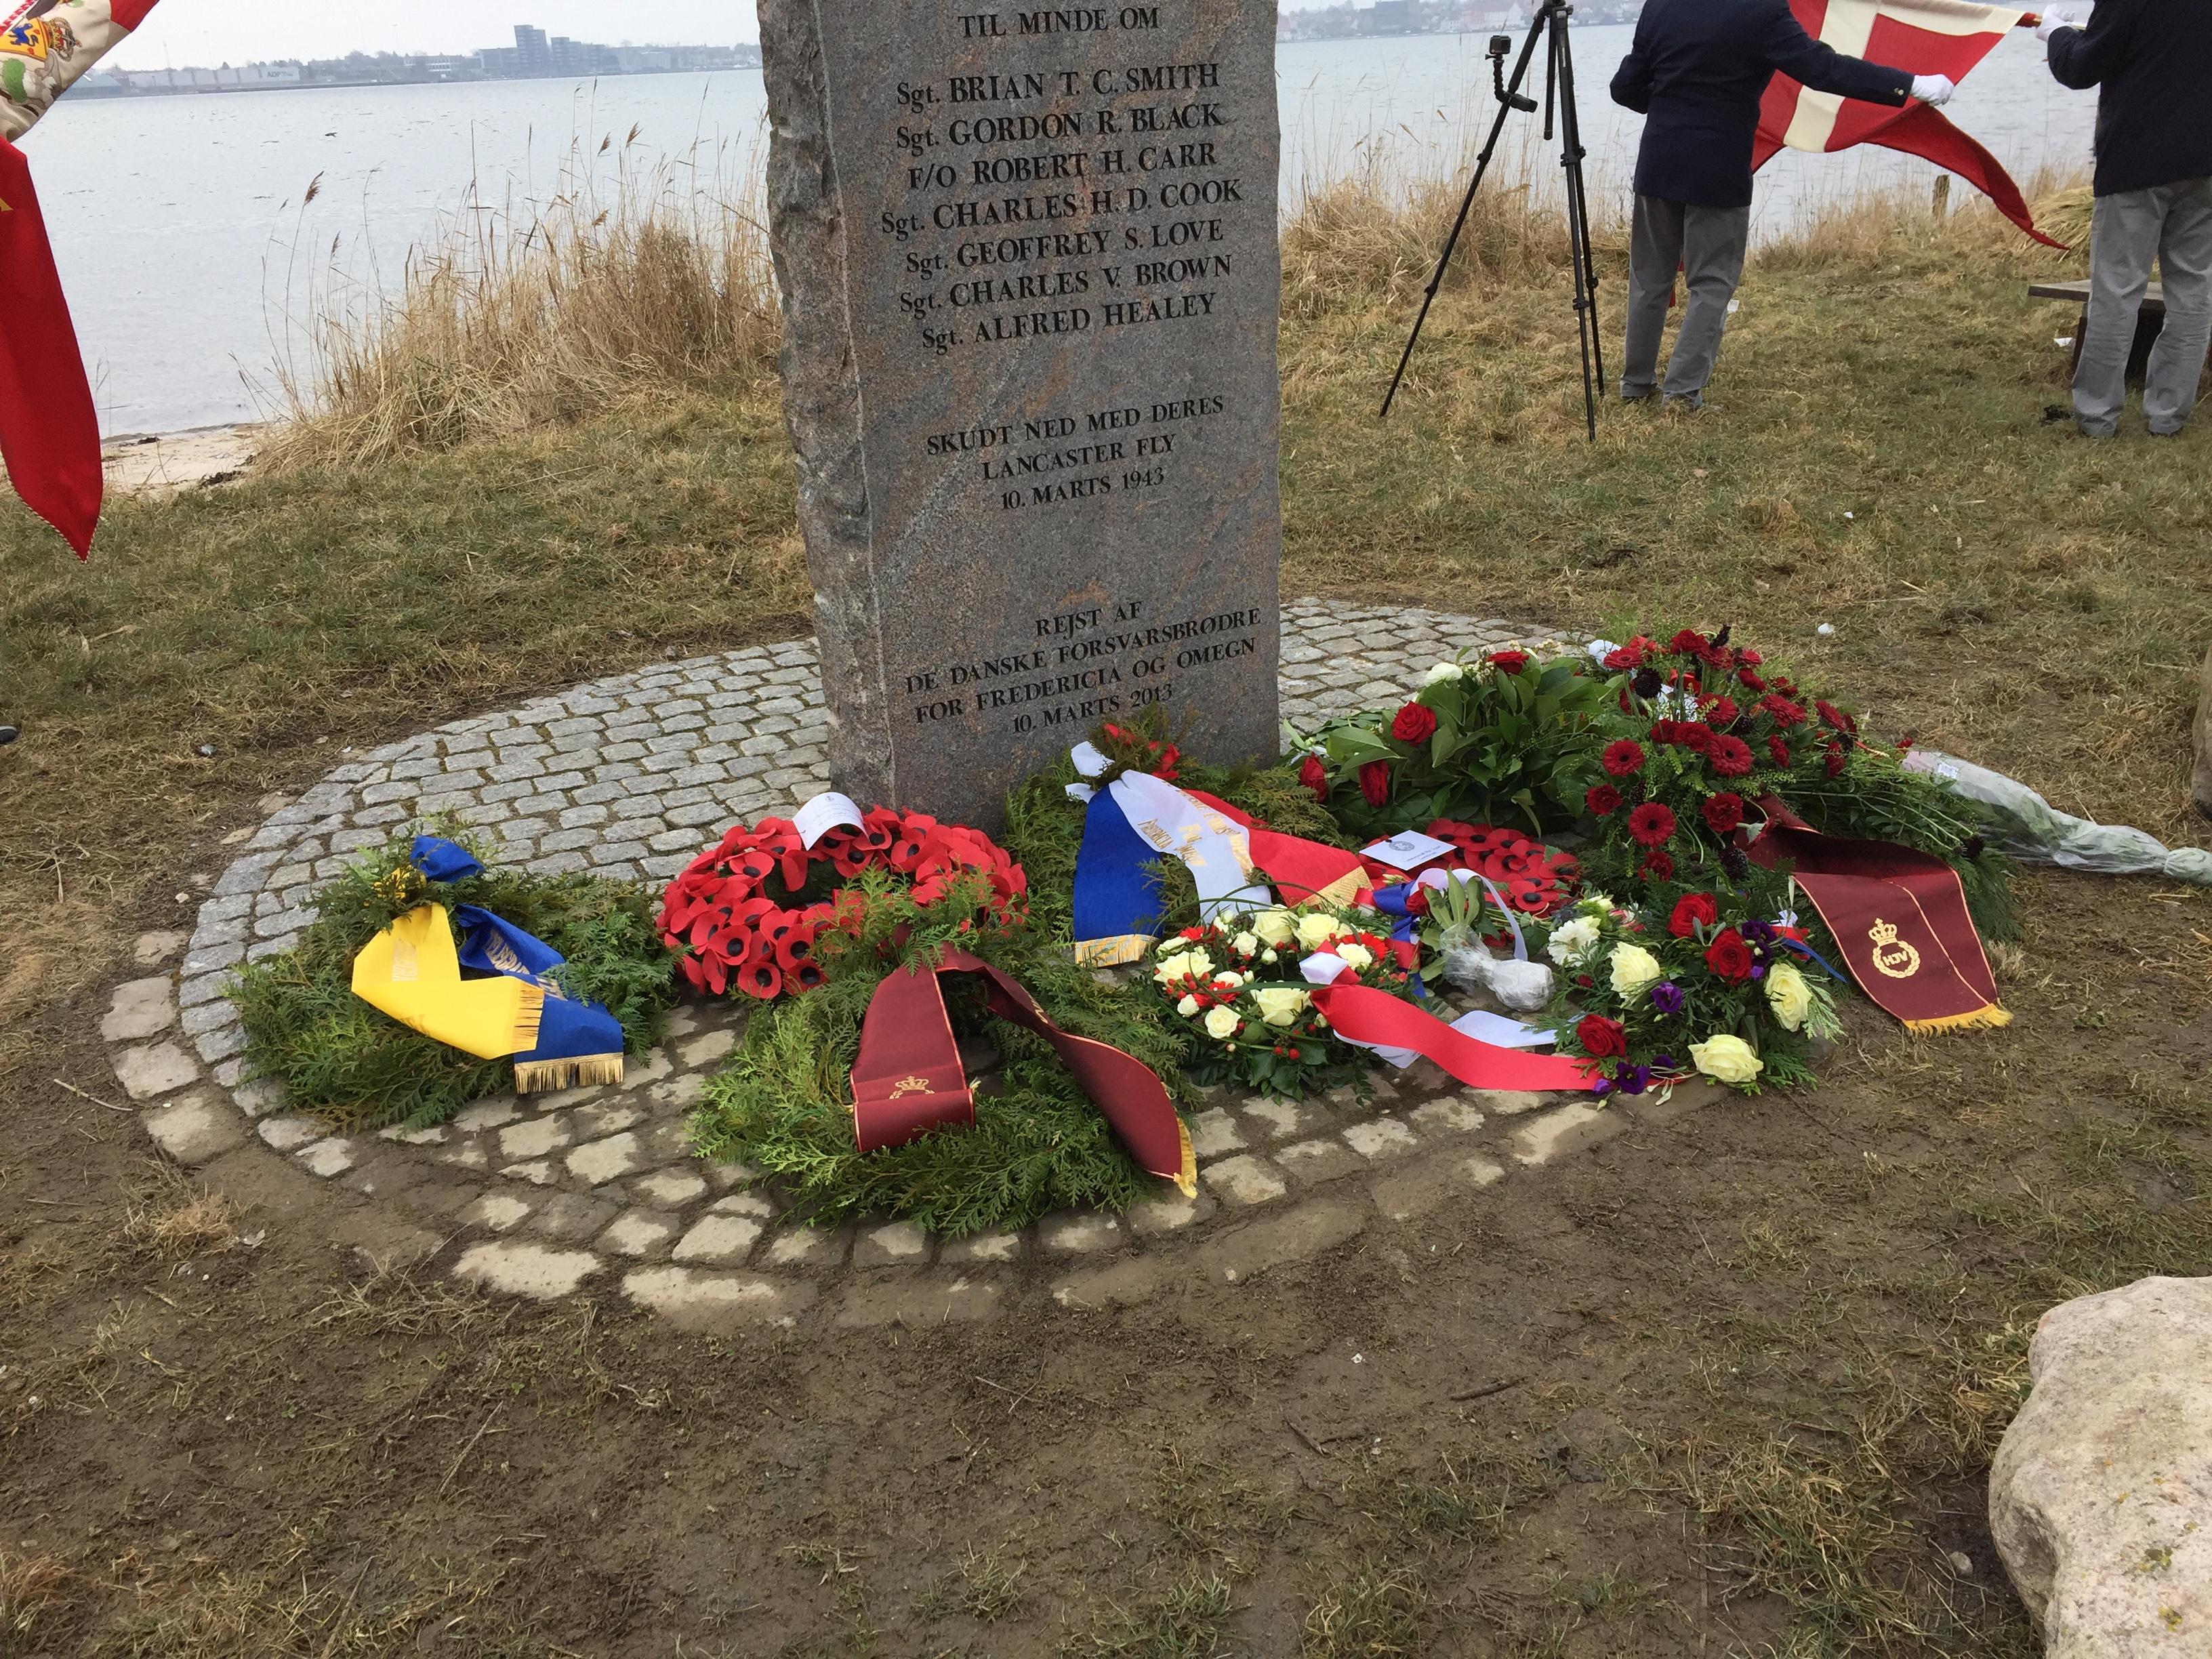 75-ÅRS DAGEN FOR NEDSKYDNINGEN AF LANCASTER ED305 I LILLEBÆLT